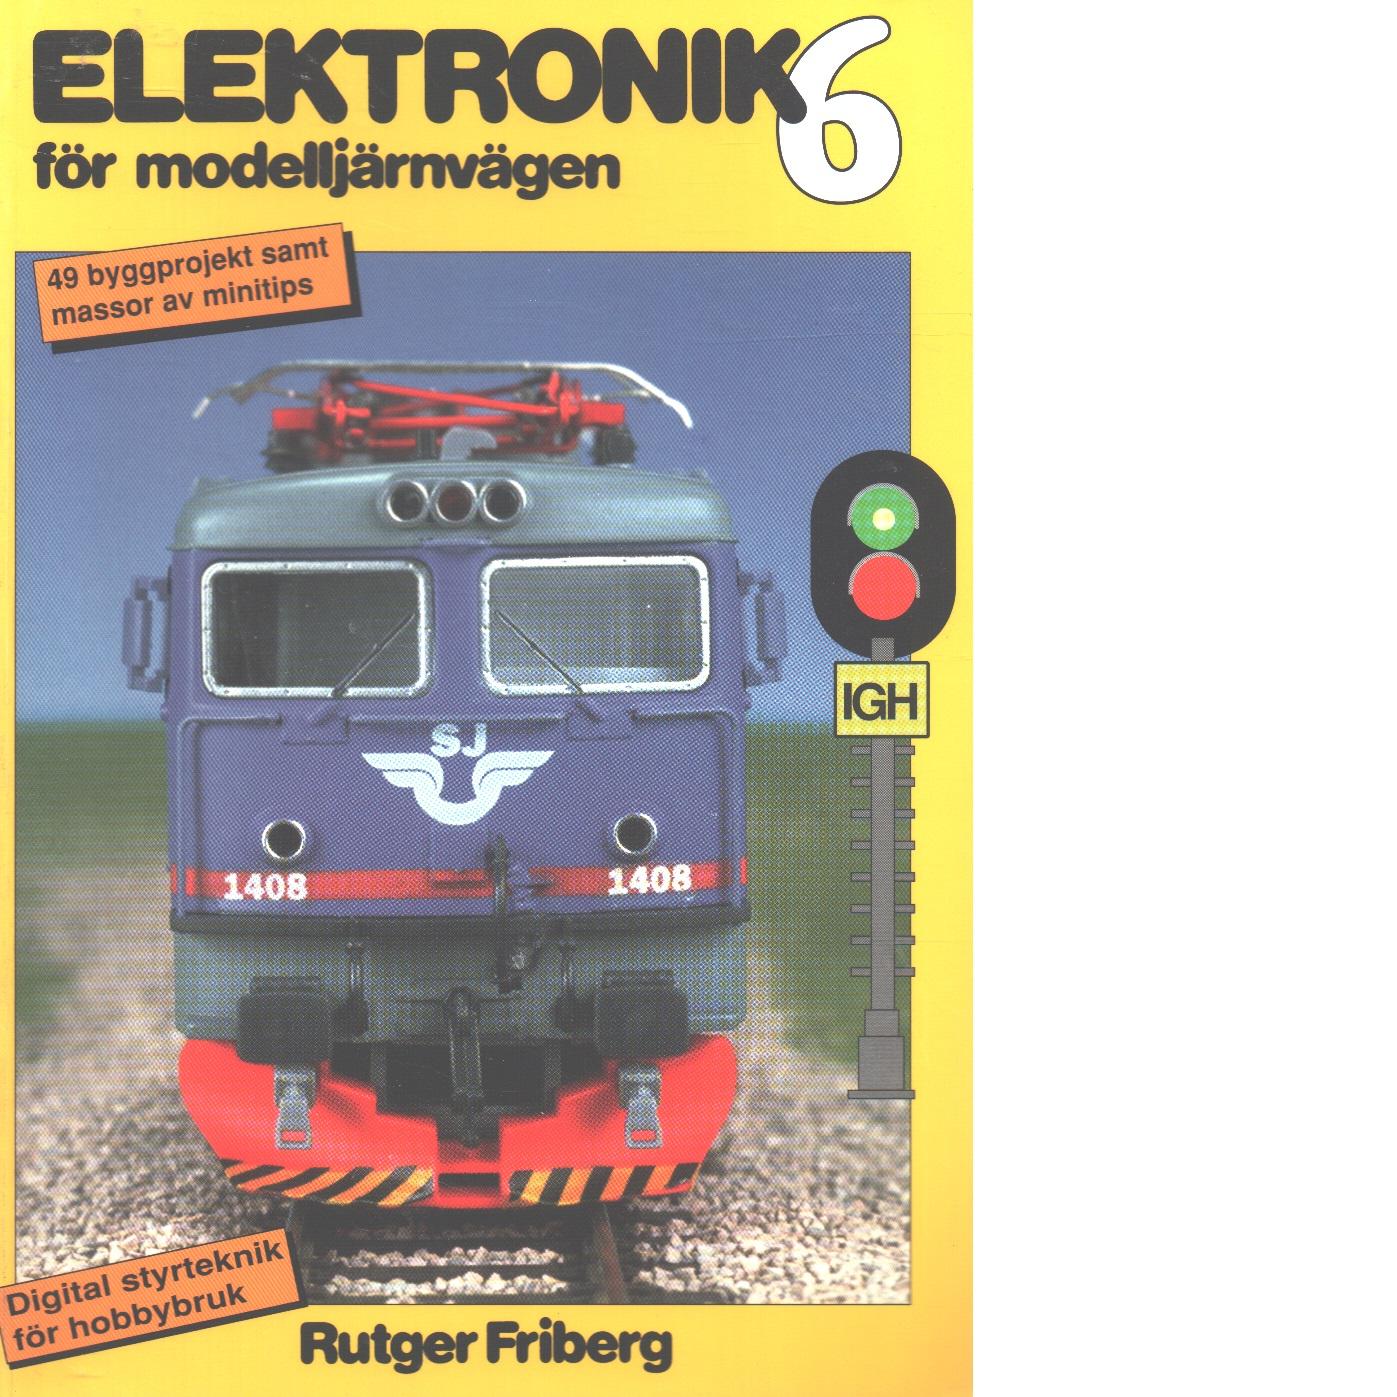 Elektronik för modelljärnvägen. Bok 6 - Friberg, Rutger